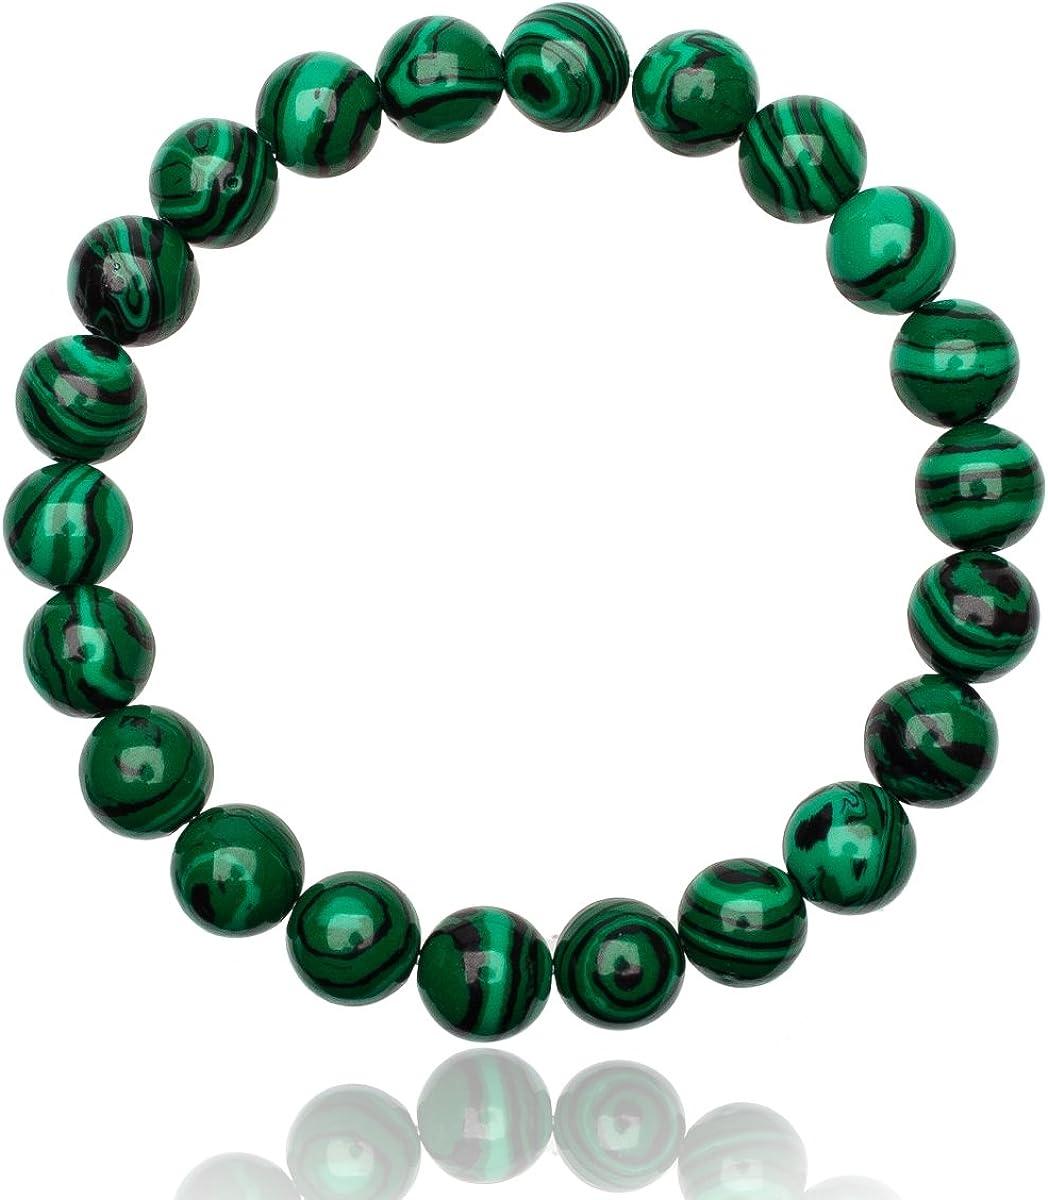 Unique pulsera de perlas malaquita verde 8mm grado AAA unisex elástico One Size Fits All 16cm a 19cm